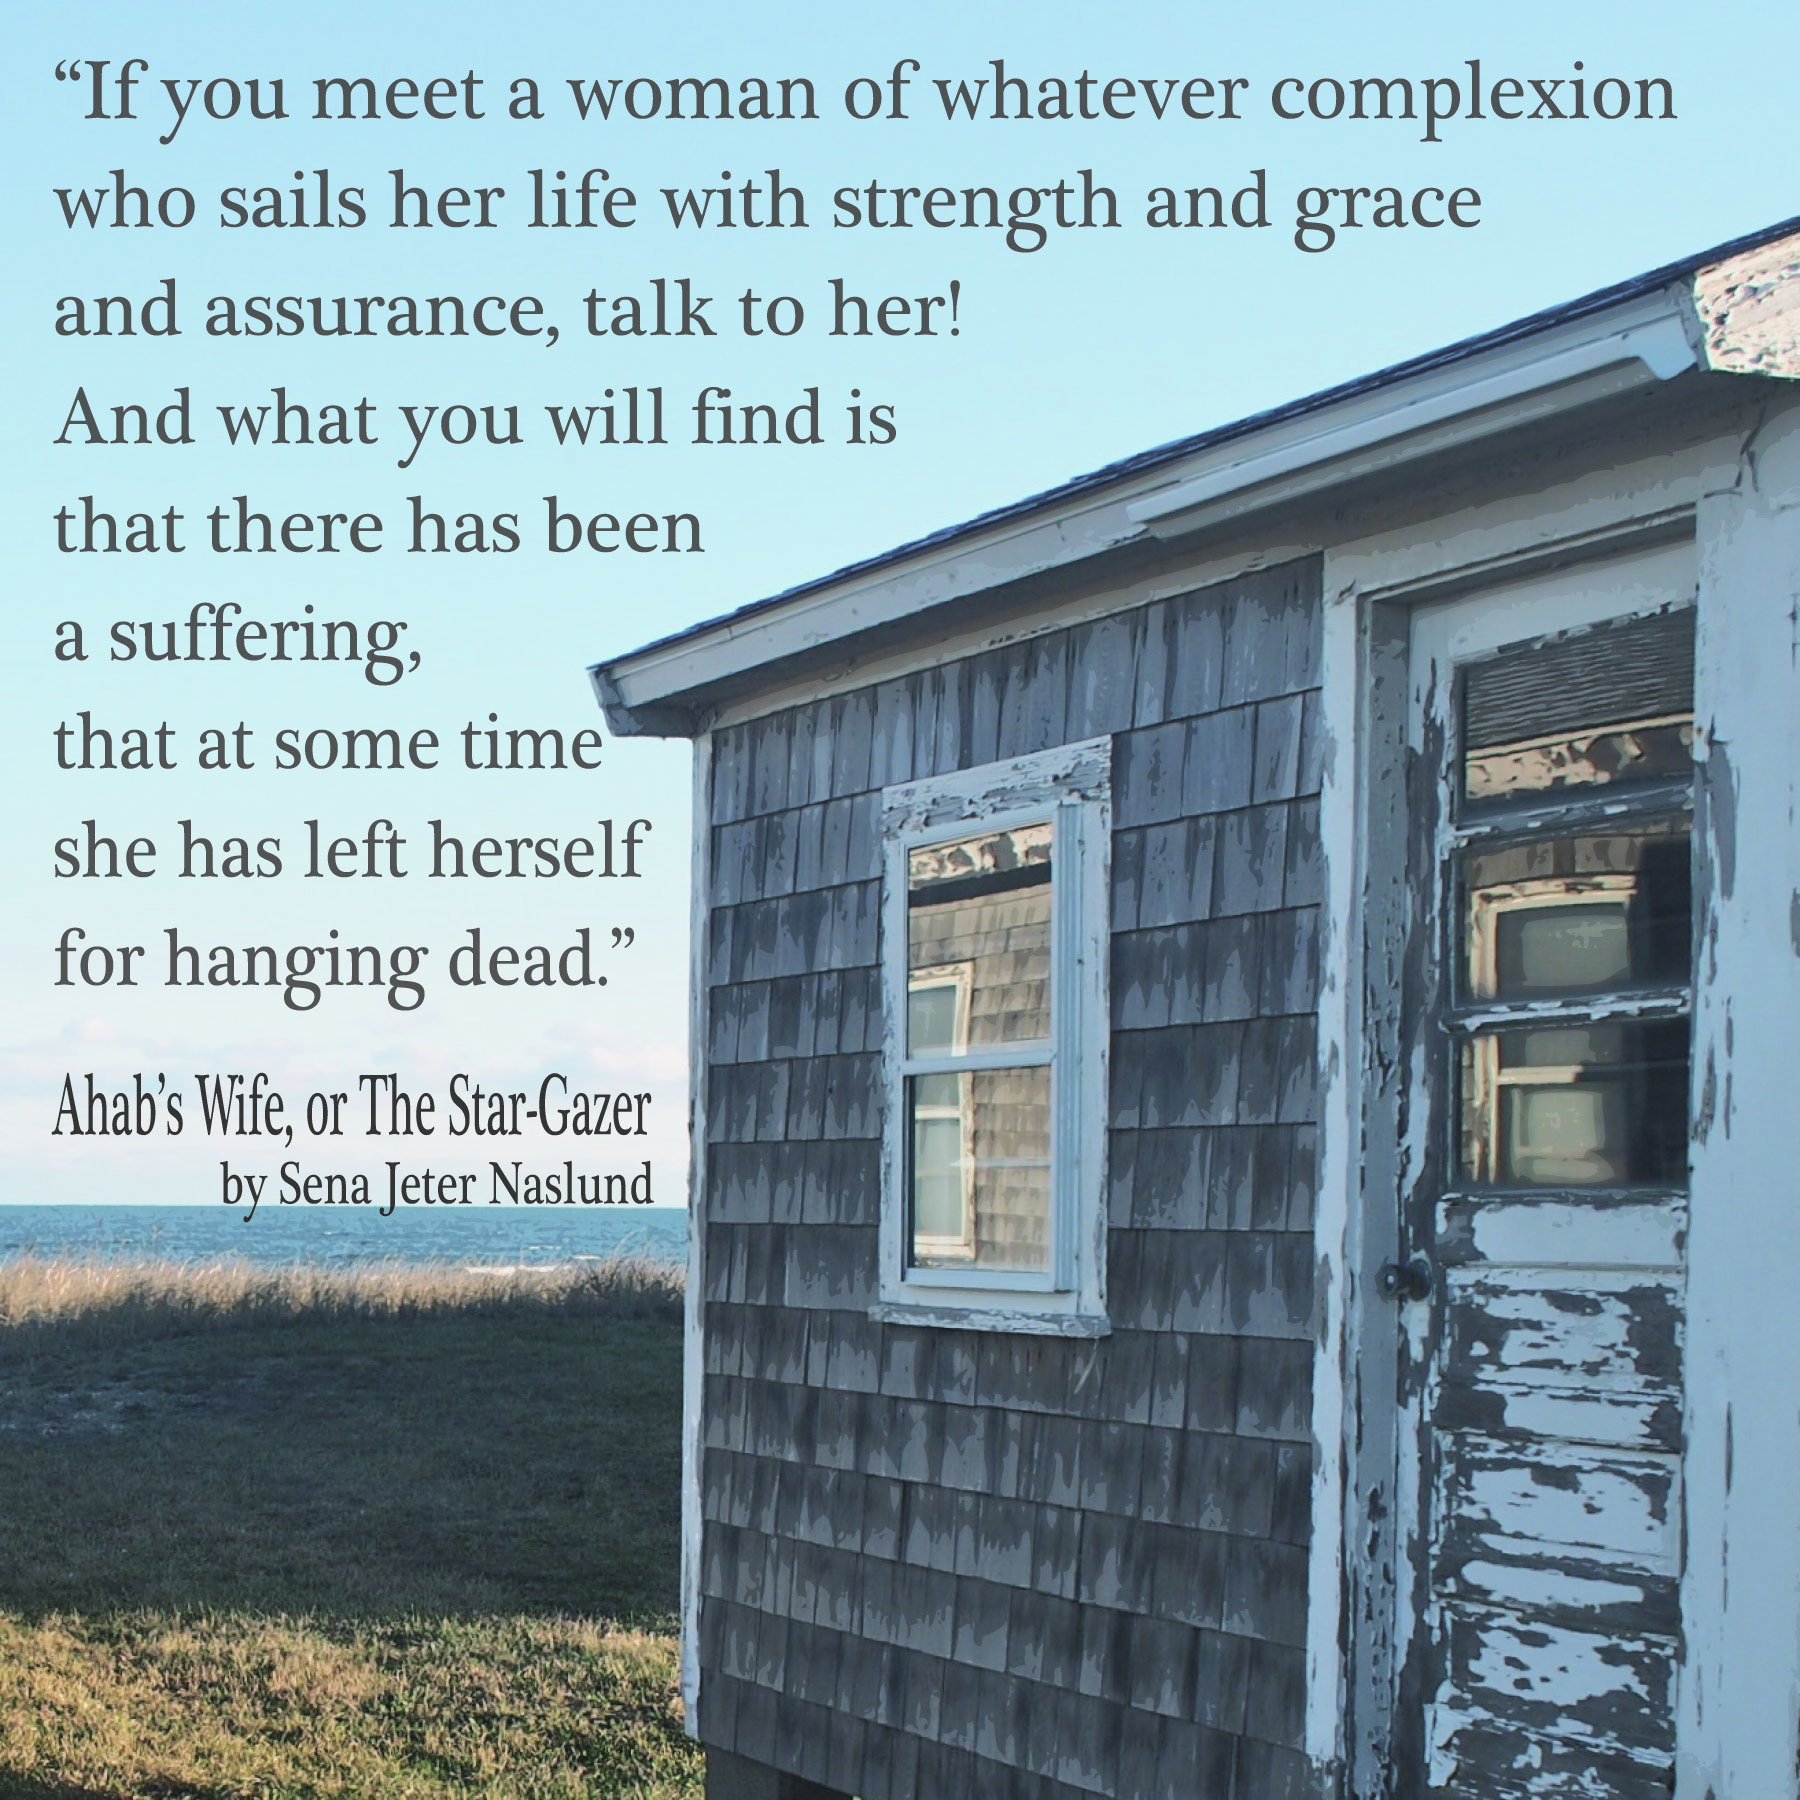 ahabs wife quote lillibridge